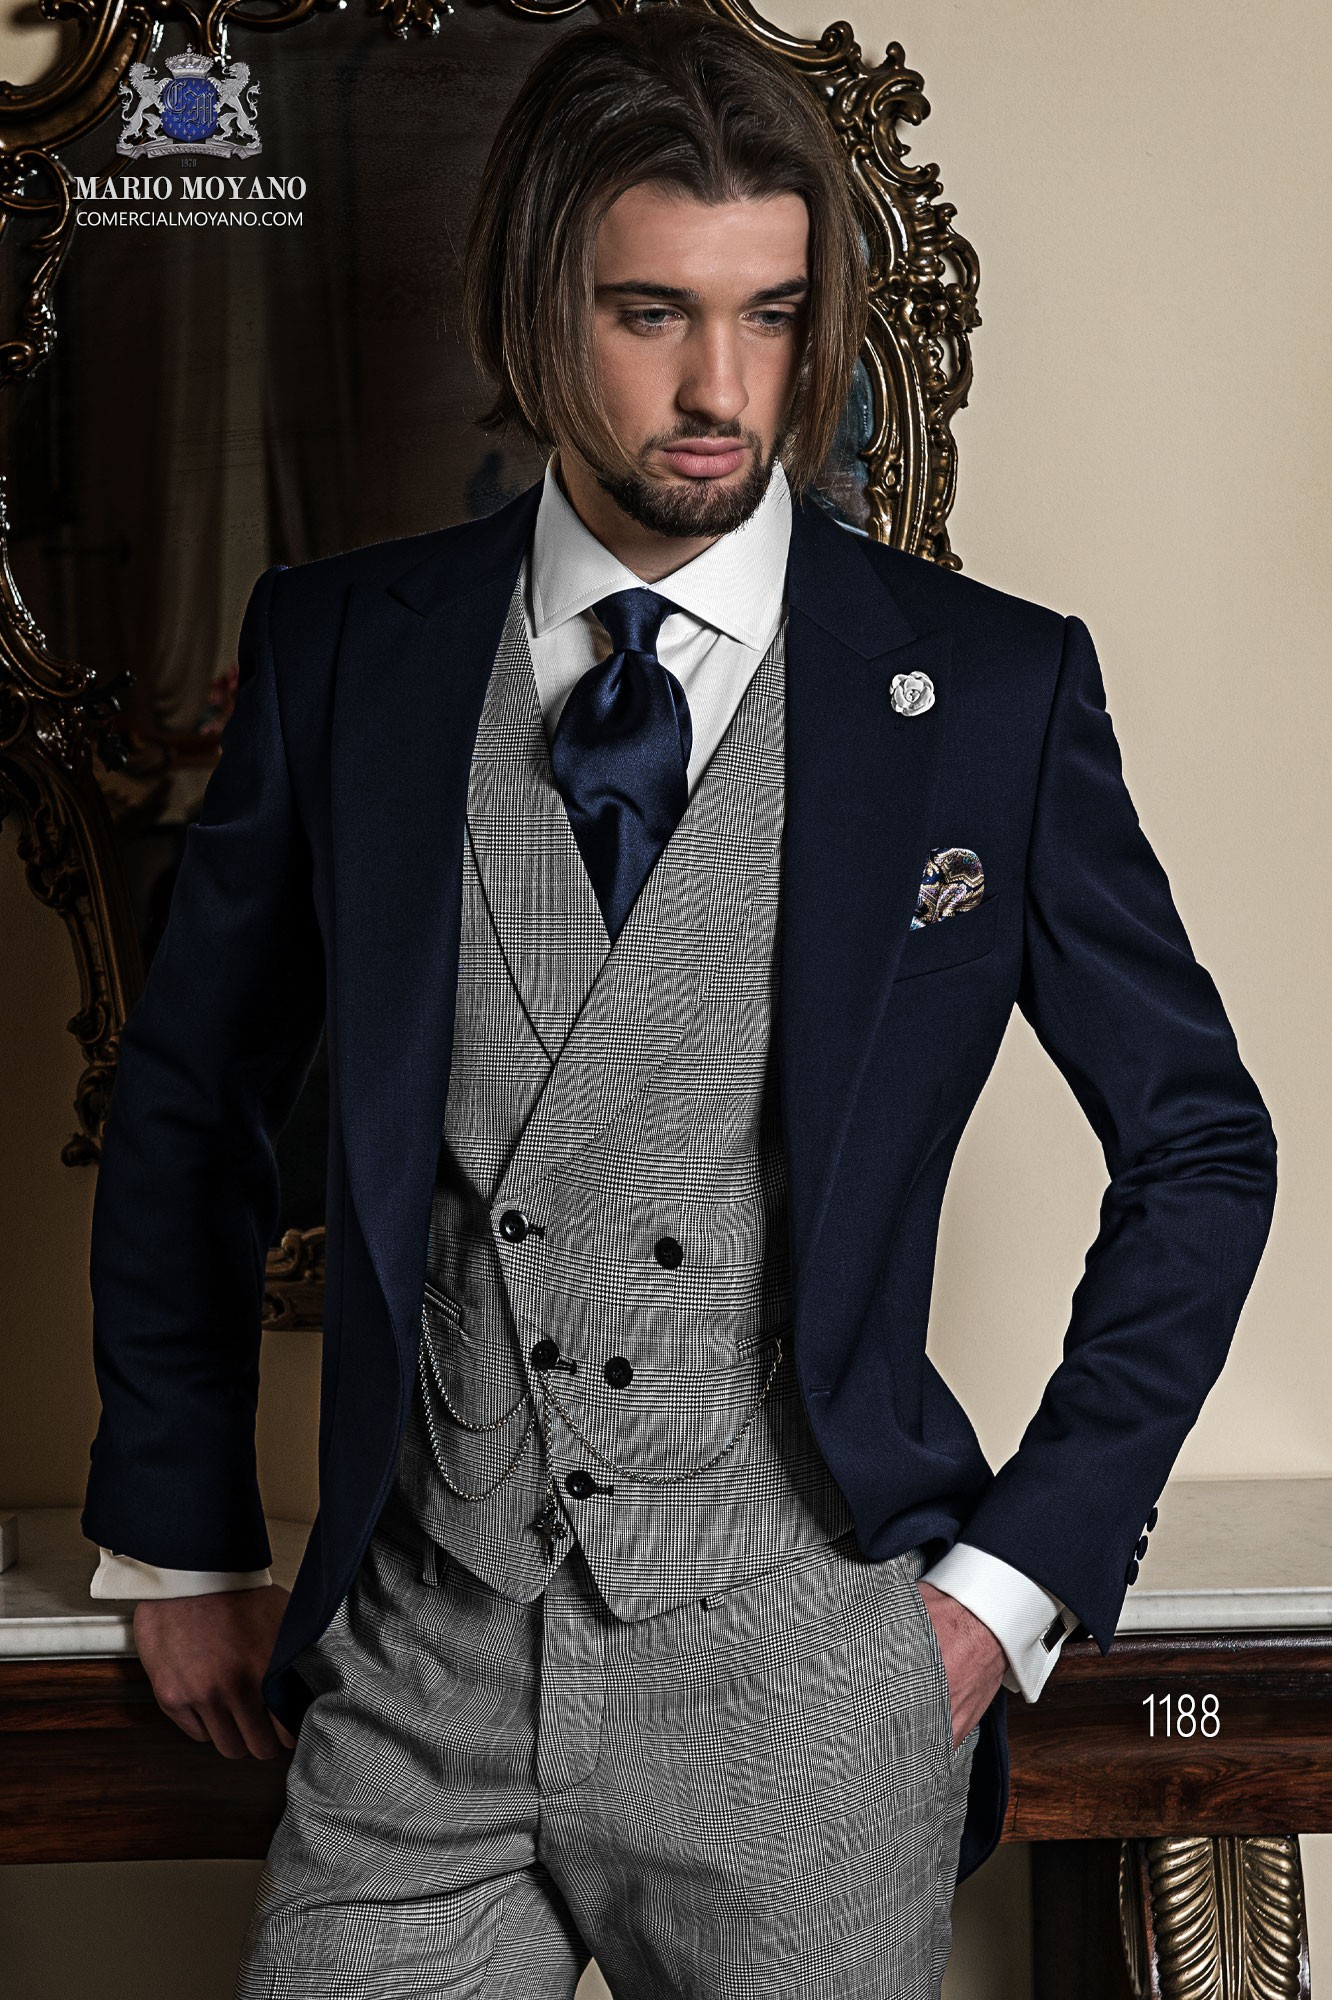 Chaqué azul italiano. EL conjunto esta formado por levita azul tinta con pantalón gris príncipe gales, modelo 1188 Ottavio Nuccio Gala colección Gentleman.